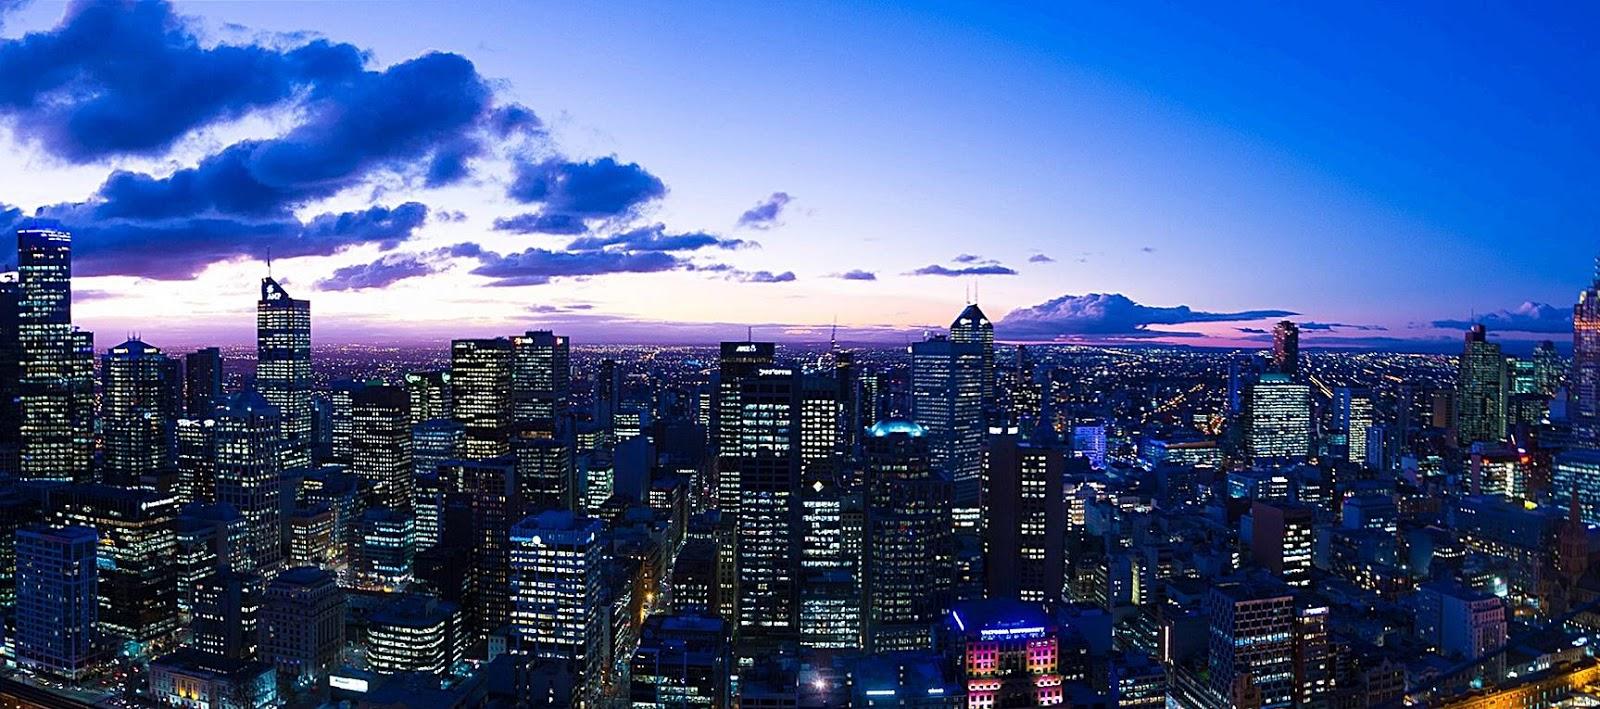 墨爾本-住宿-推薦-墨爾本飯店-墨爾本酒店-墨爾本公寓-墨爾本民宿-墨爾本旅館-墨爾本酒店-必住-Melbourne-Hotel